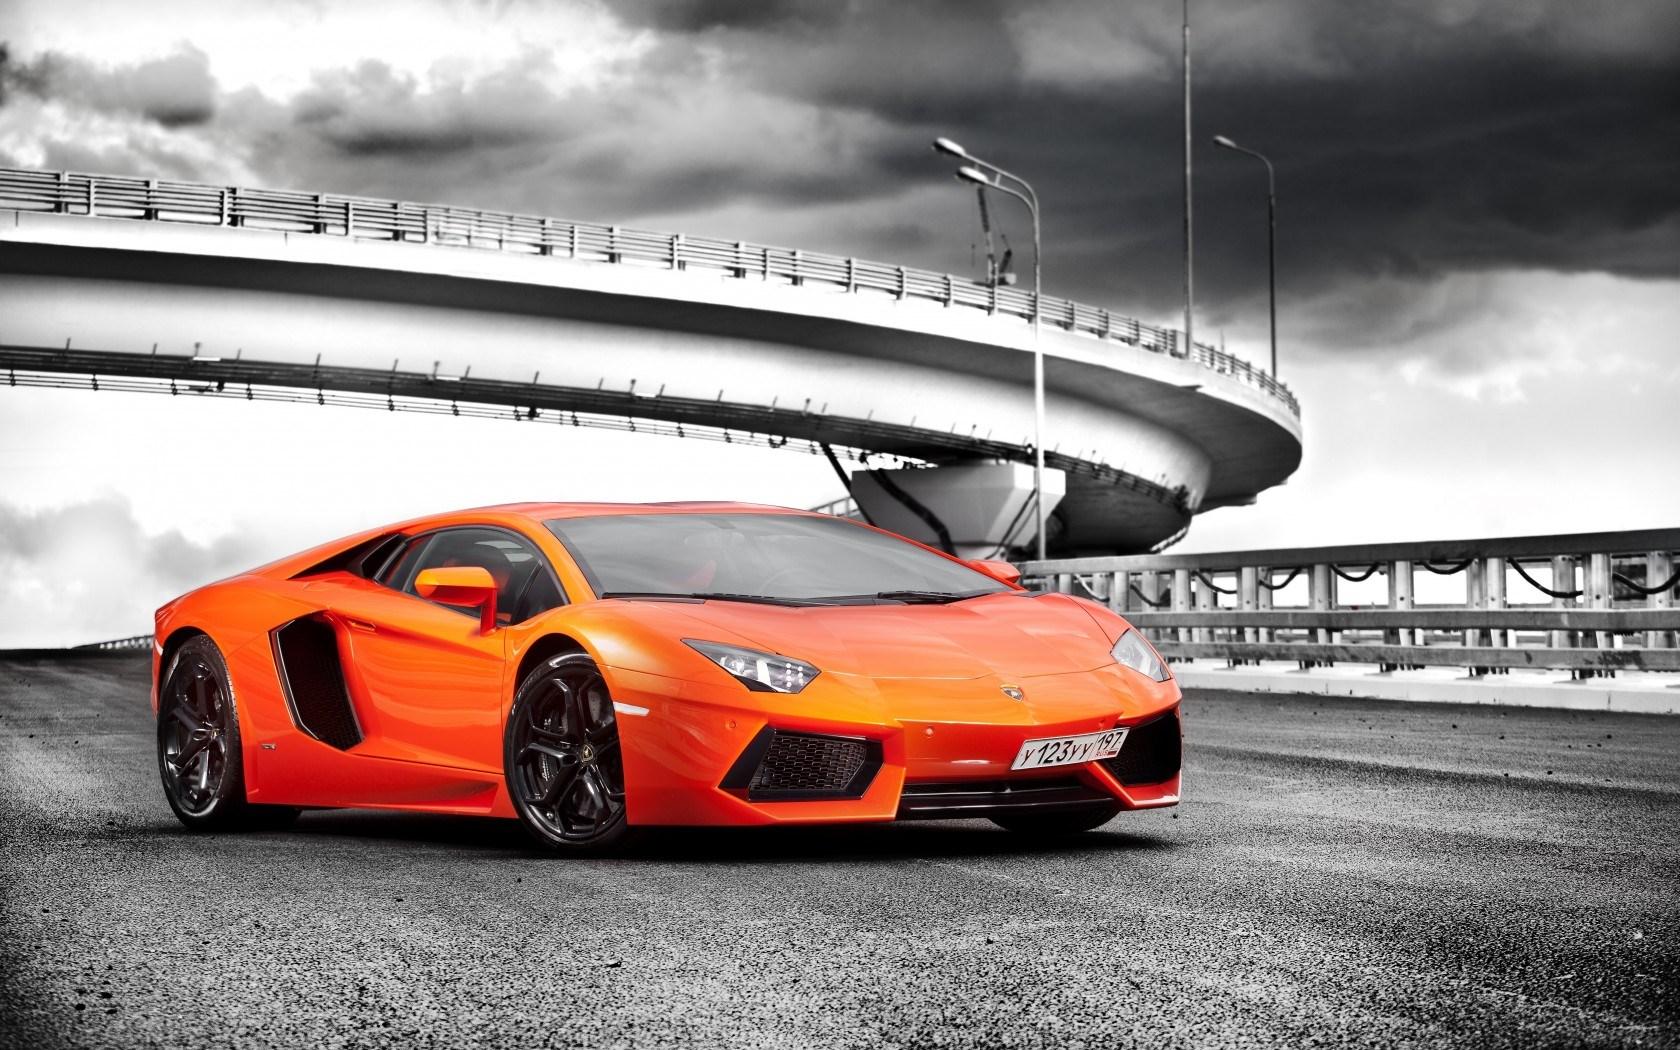 Lamborghini Aventador LP700-4 Orange